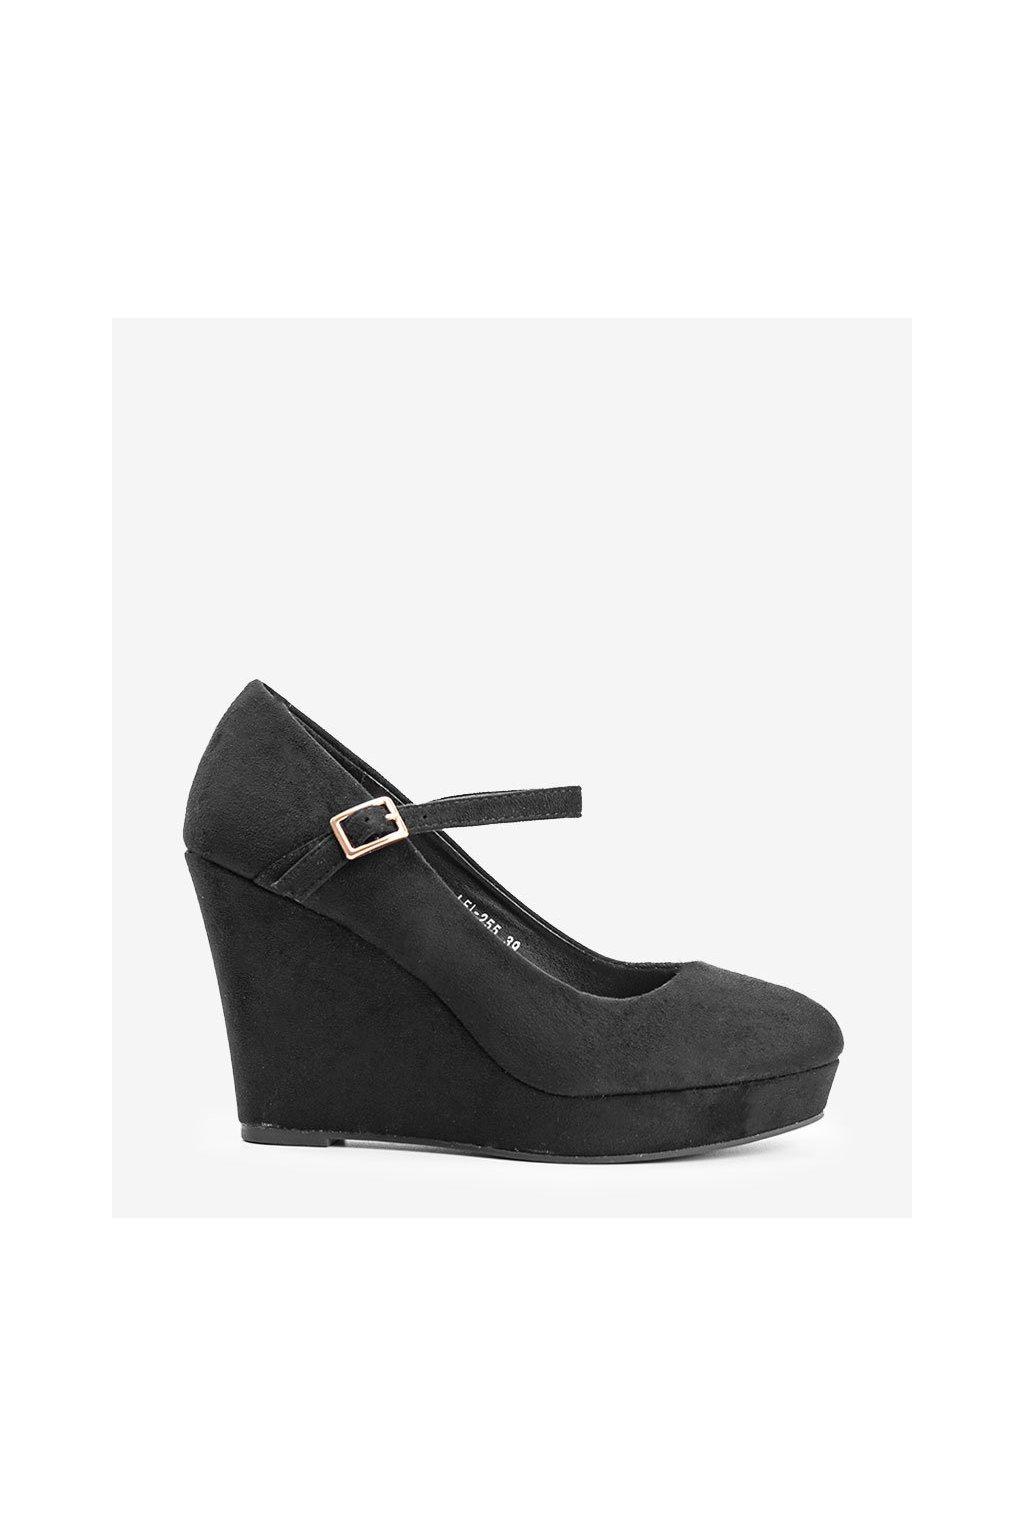 Dámske topánky lodičky čierne kód LEI-255 - GM